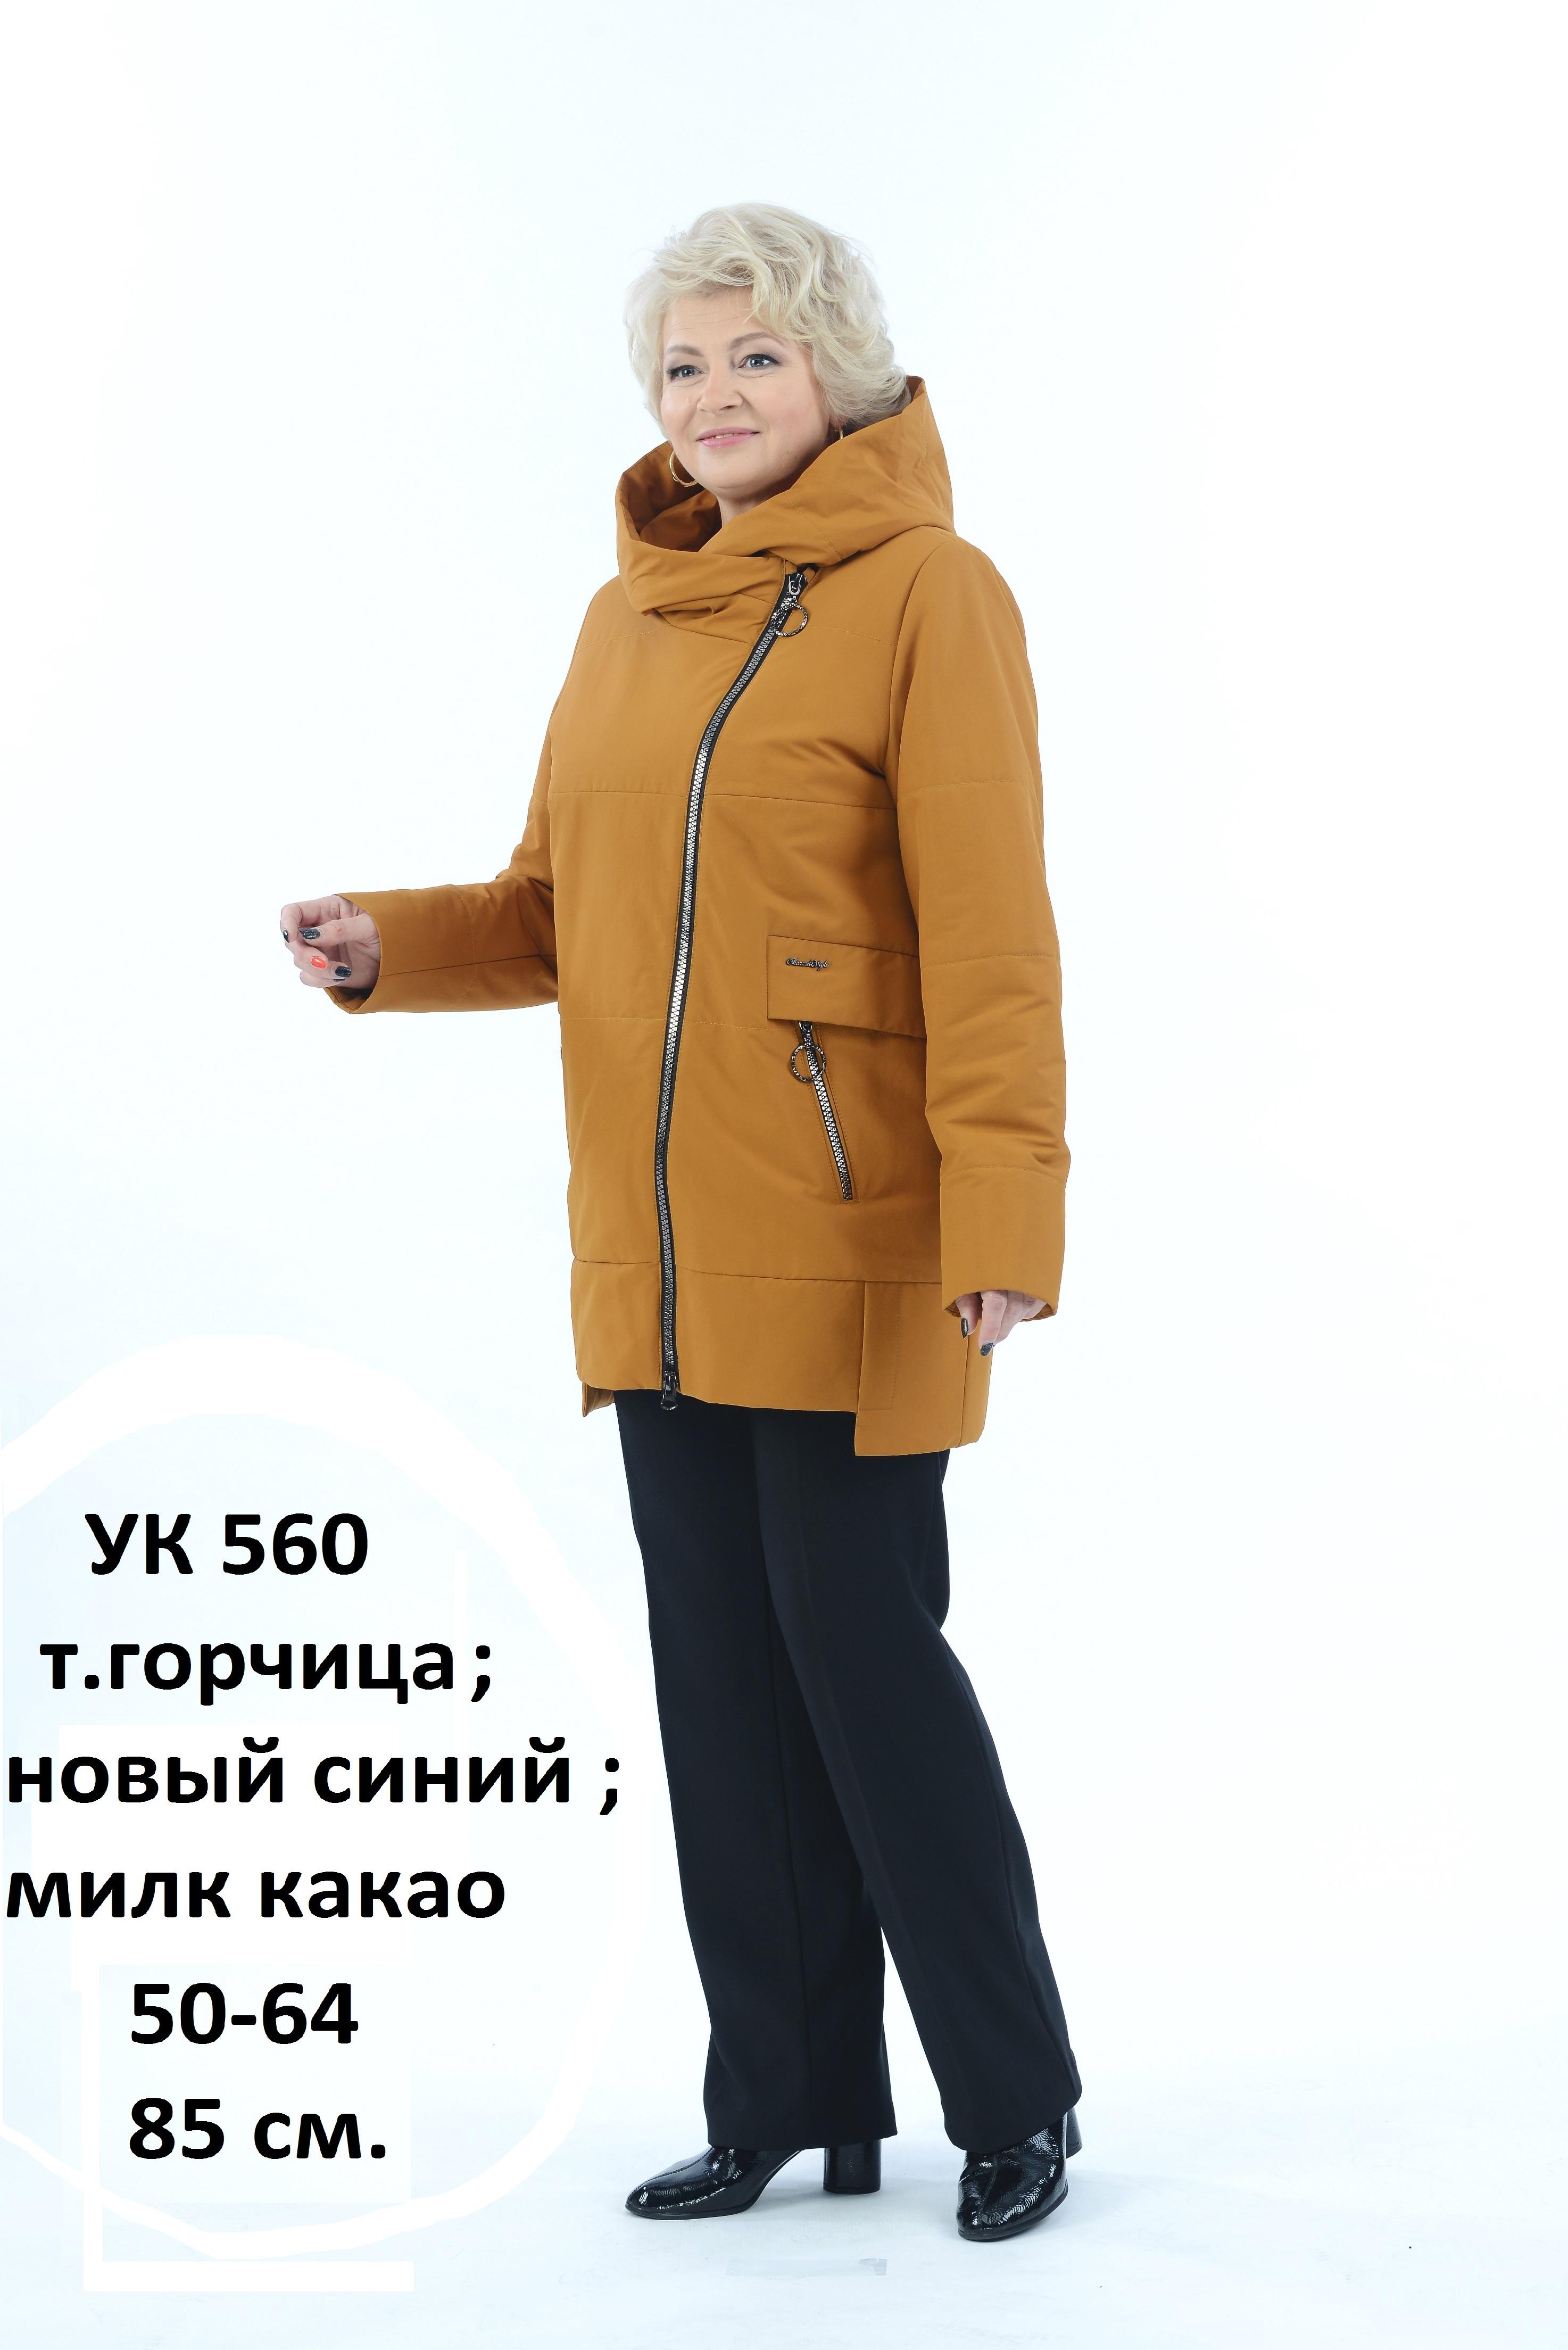 Цена 10500 рублей